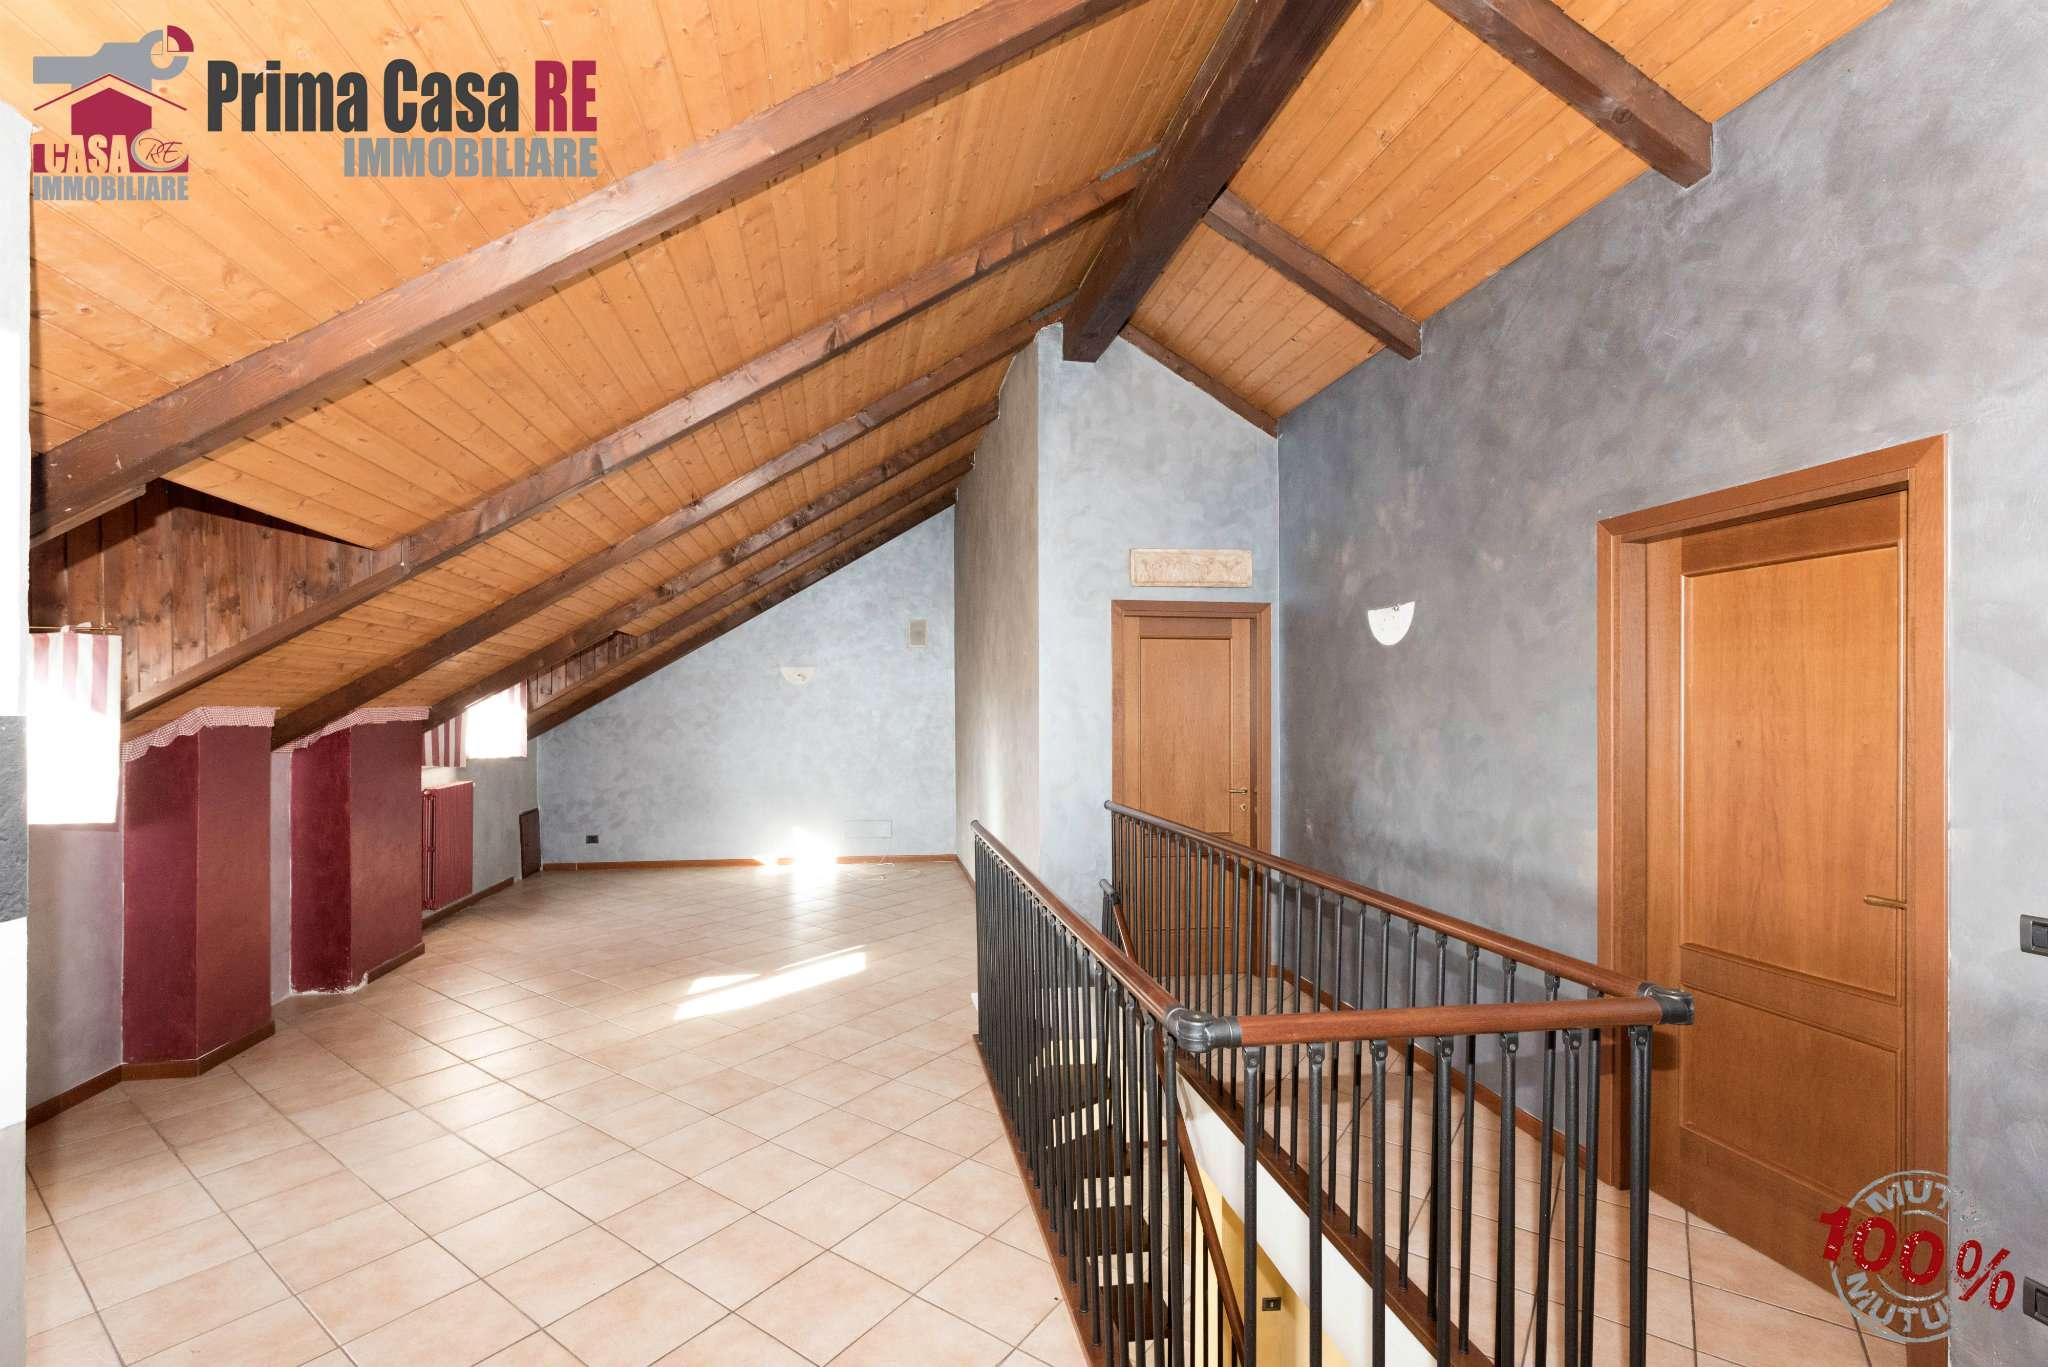 Attico / Mansarda in vendita a Brandizzo, 7 locali, prezzo € 205.000 | CambioCasa.it